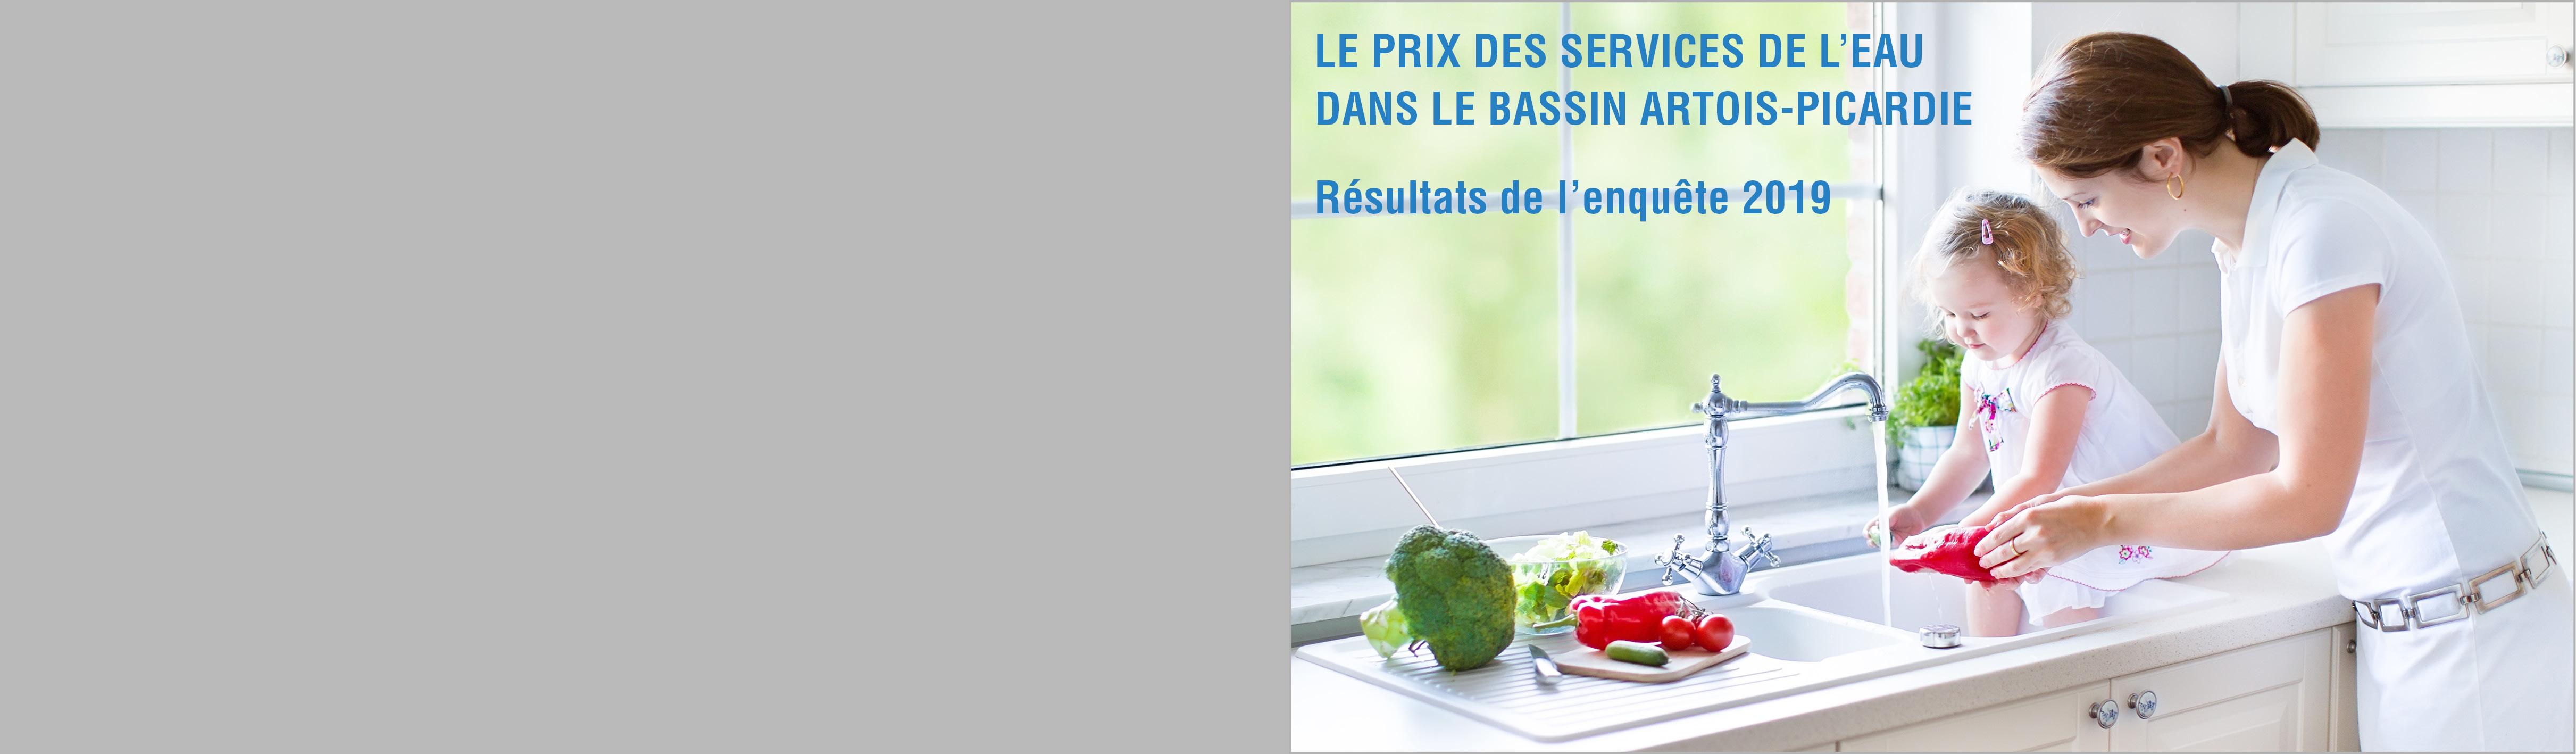 bandeau_plaquette_prix_service_eau_2020.jpg